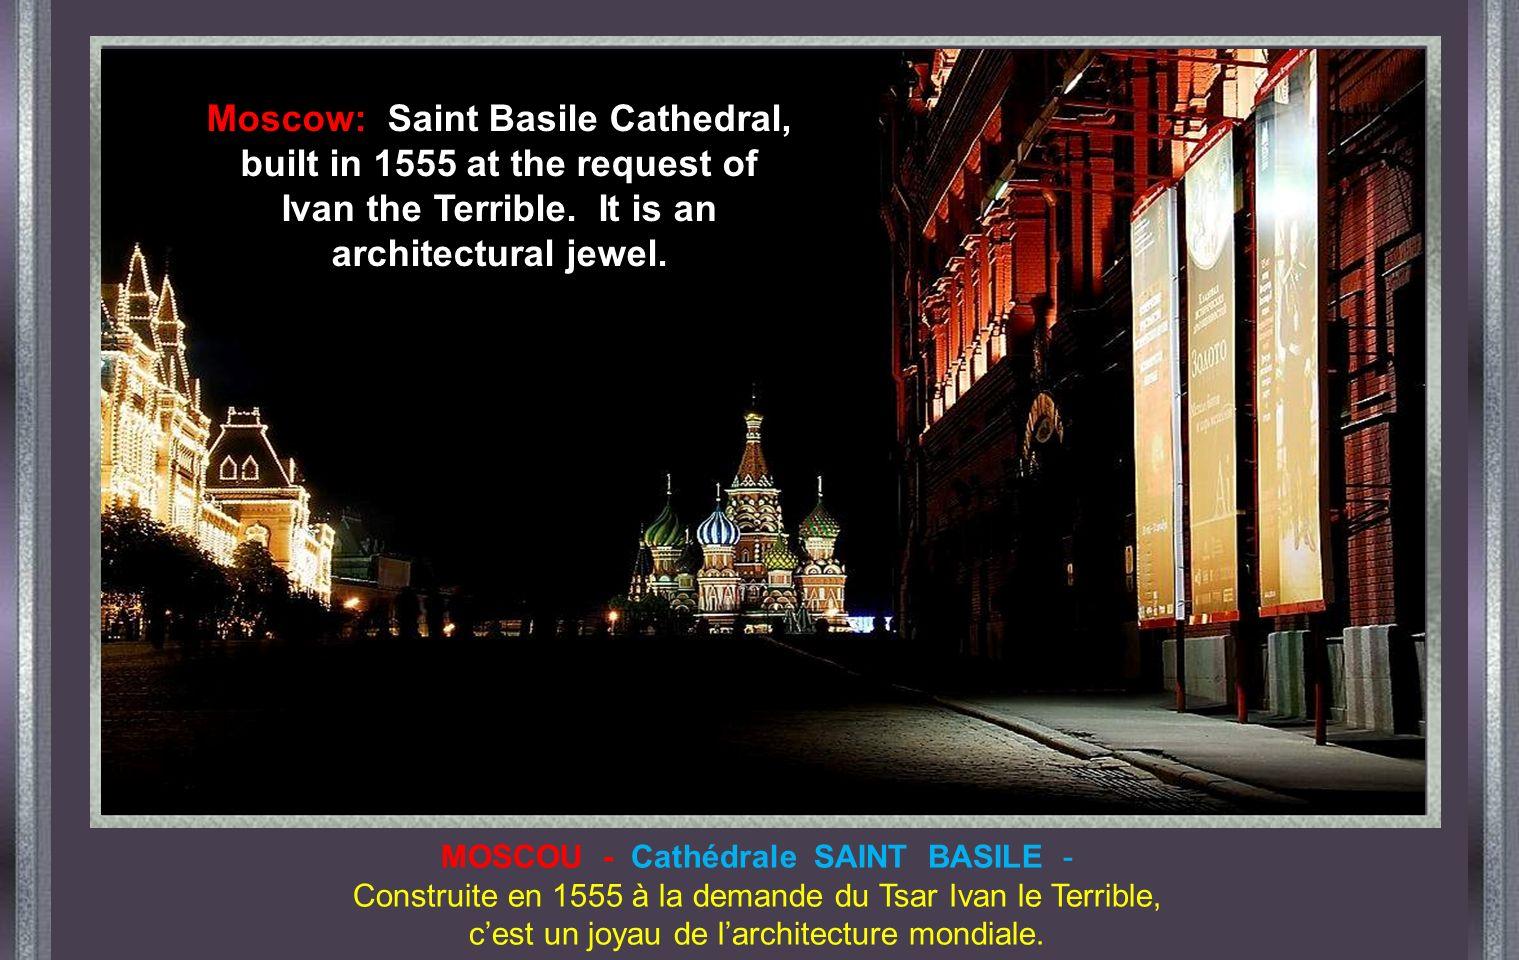 MOSCOU: - Cathédrale de la TRANSFIGURATION A la différence des autres églises, durant la révolution russe, elle ne fut pas fermée.